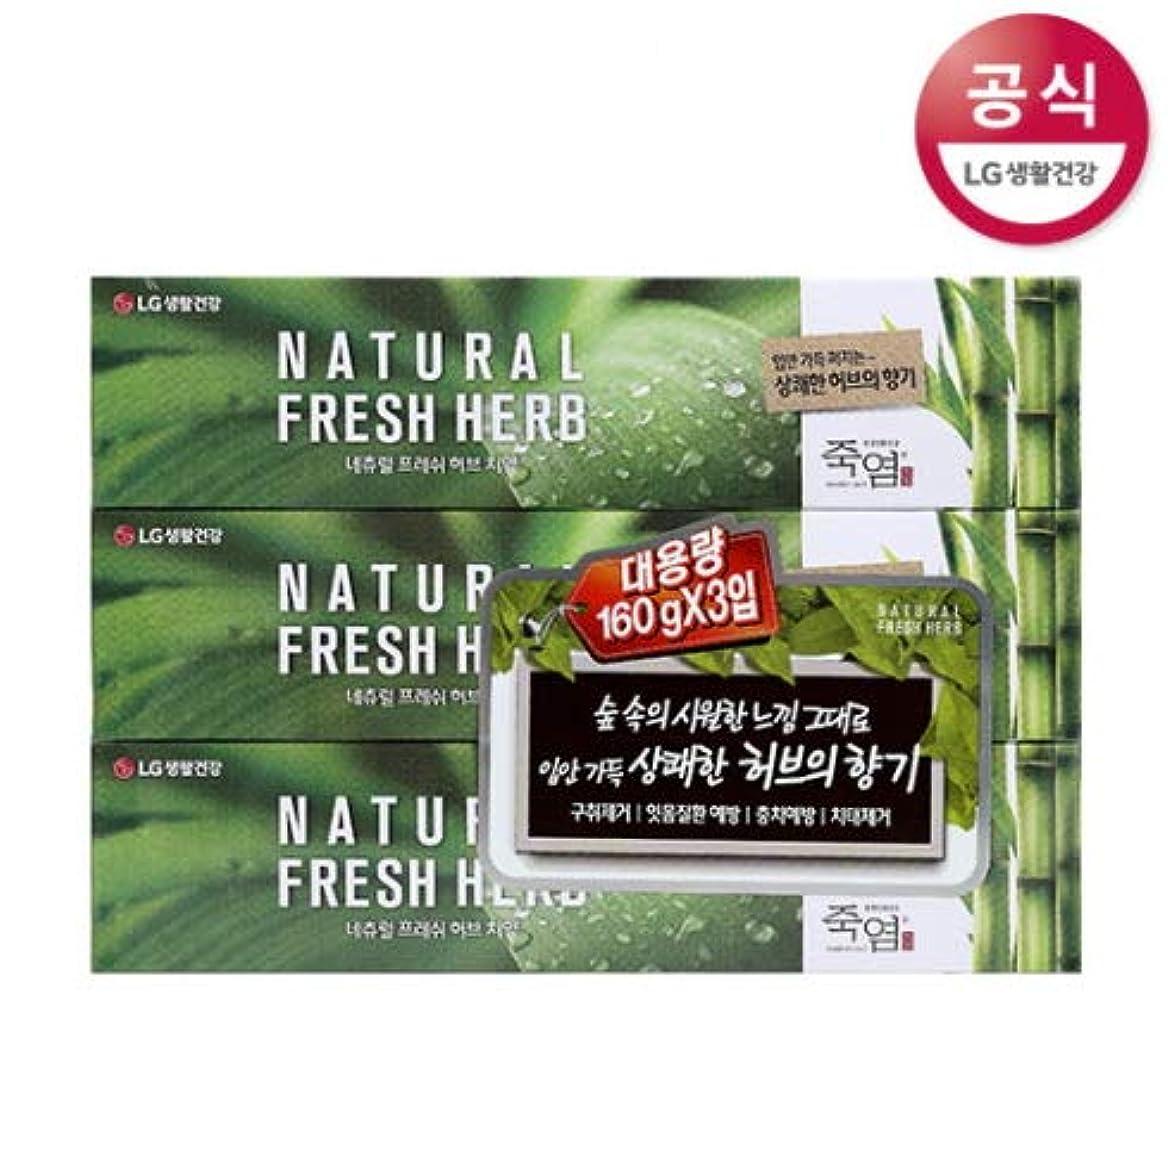 垂直寄付する意見[LG HnB] Bamboo Salt Natural Fresh Herbal Toothpaste/竹塩ナチュラルフレッシュハーブ歯磨き粉 160gx3個(海外直送品)